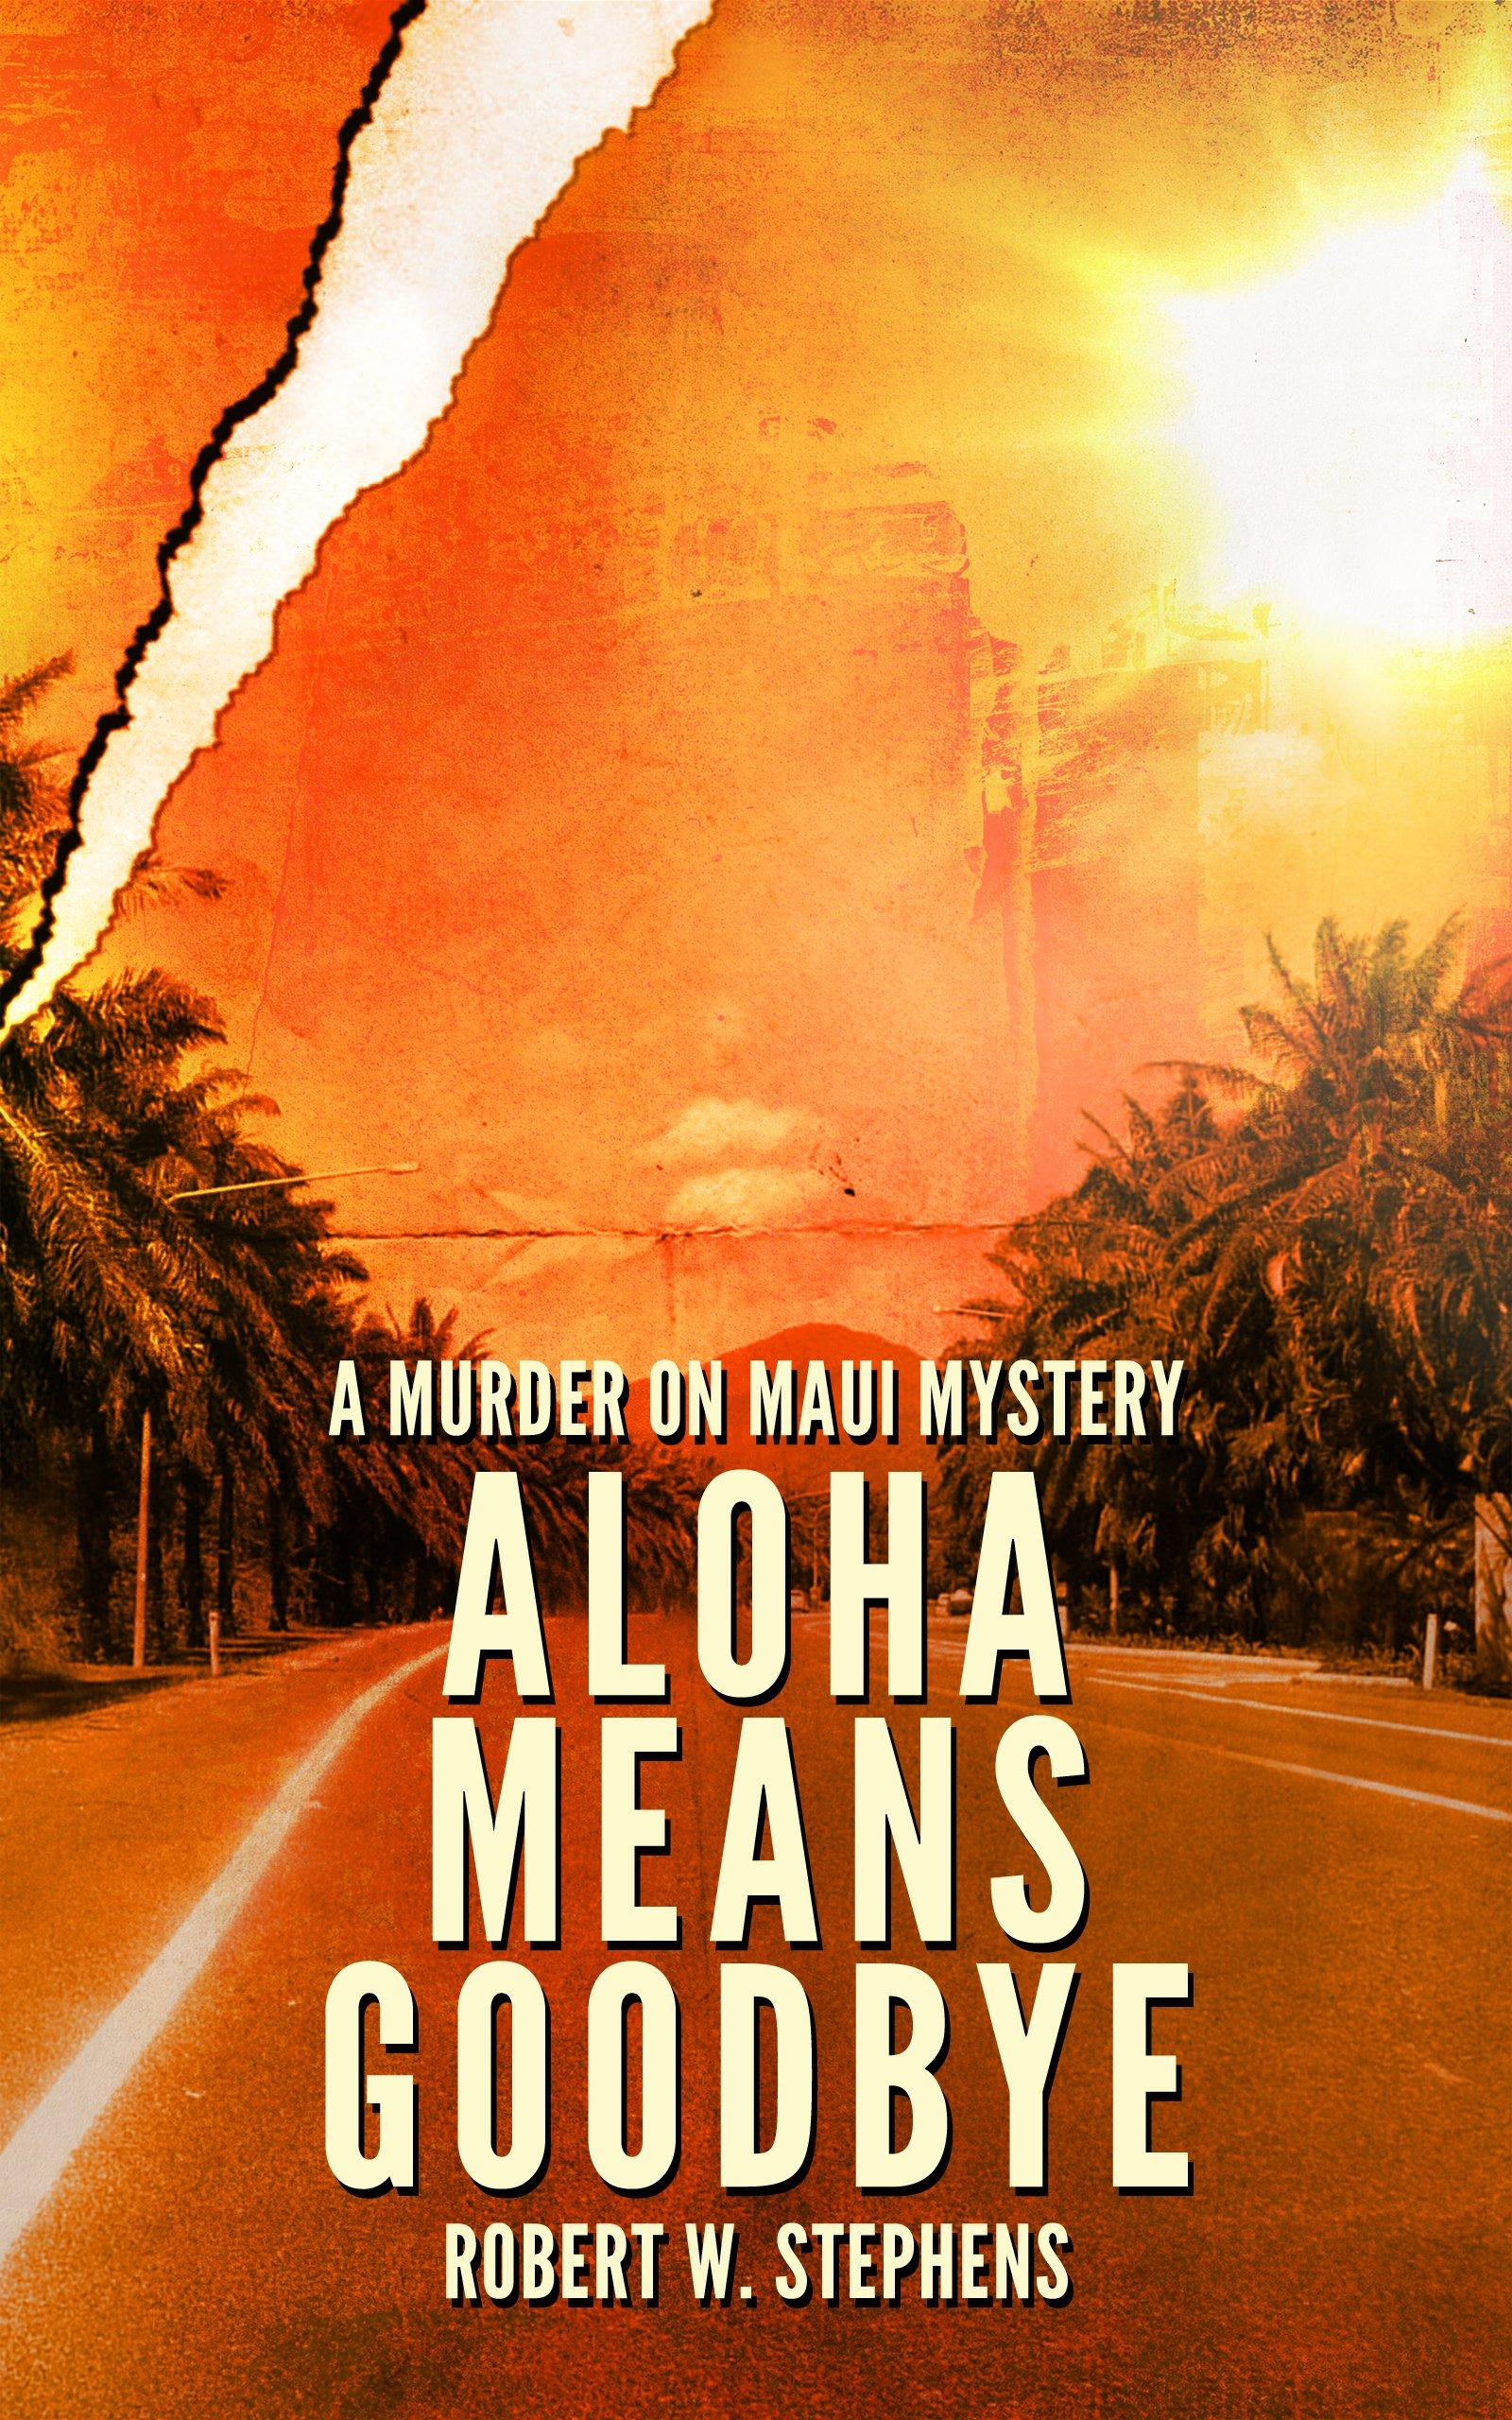 Aloha Means Goodbye: A Murder on Maui Mystery